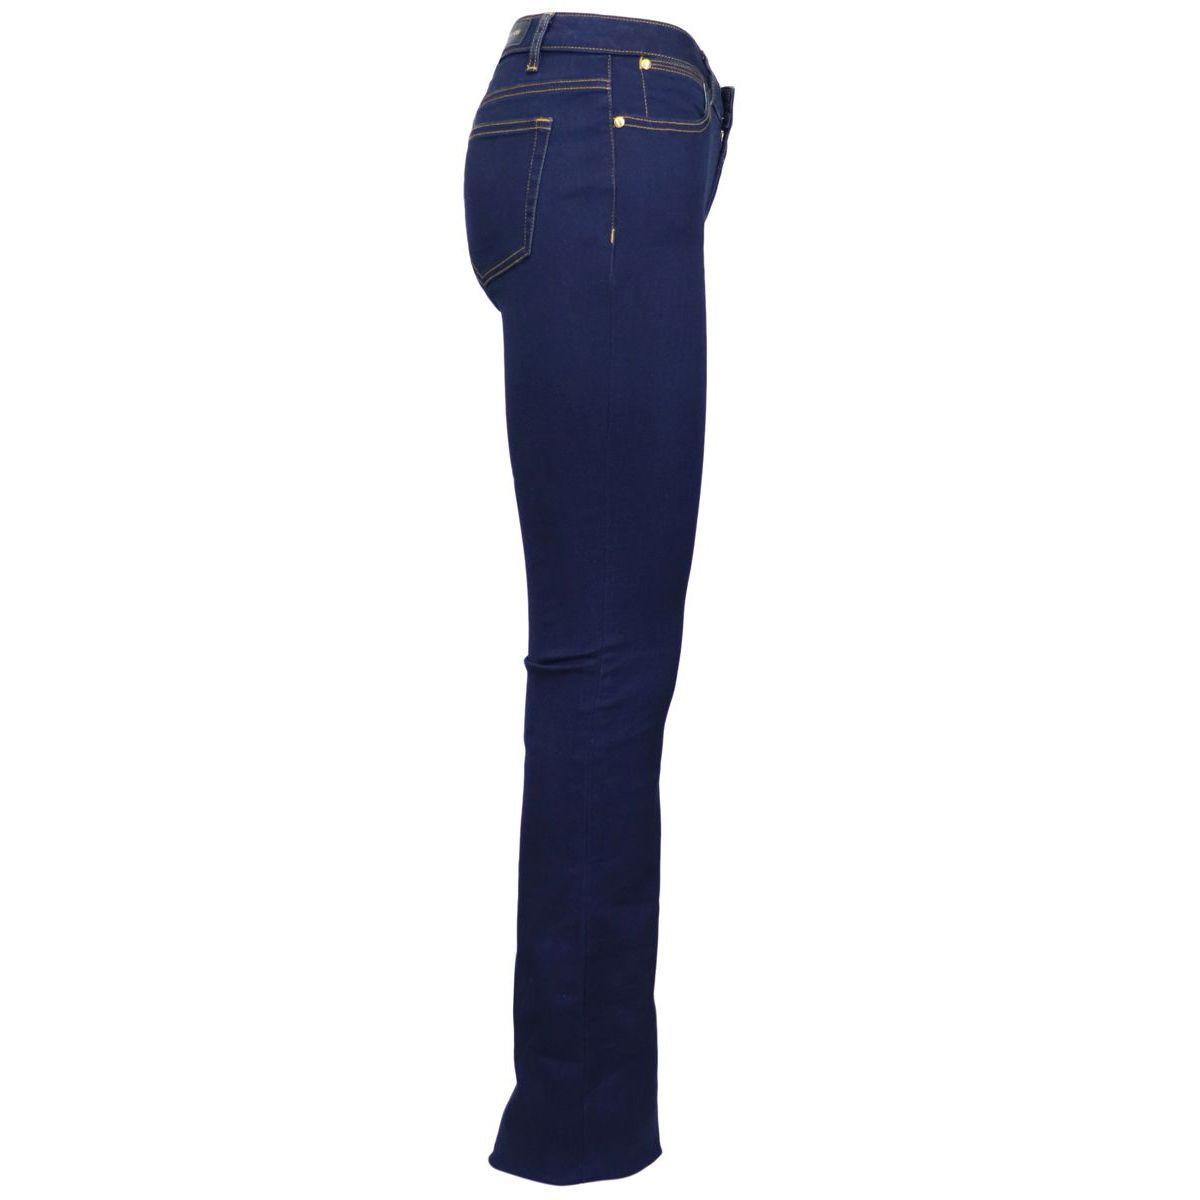 Slim elastic bell-bottom jeans Denim Michael Kors